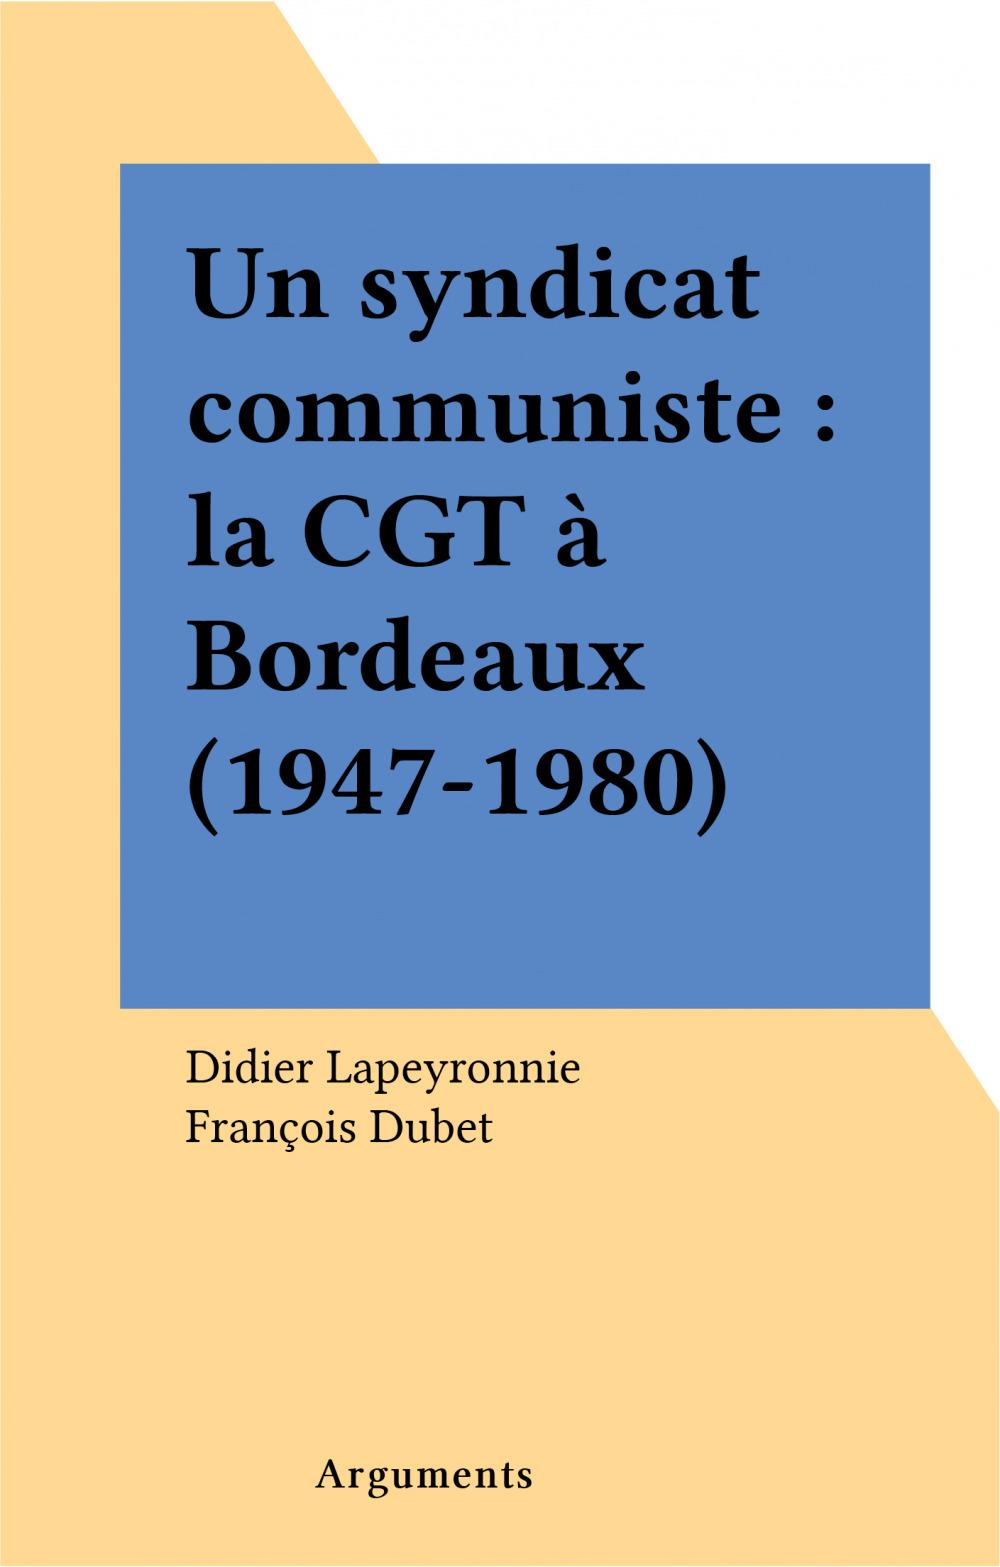 Un syndicat communiste : la CGT à Bordeaux (1947-1980)